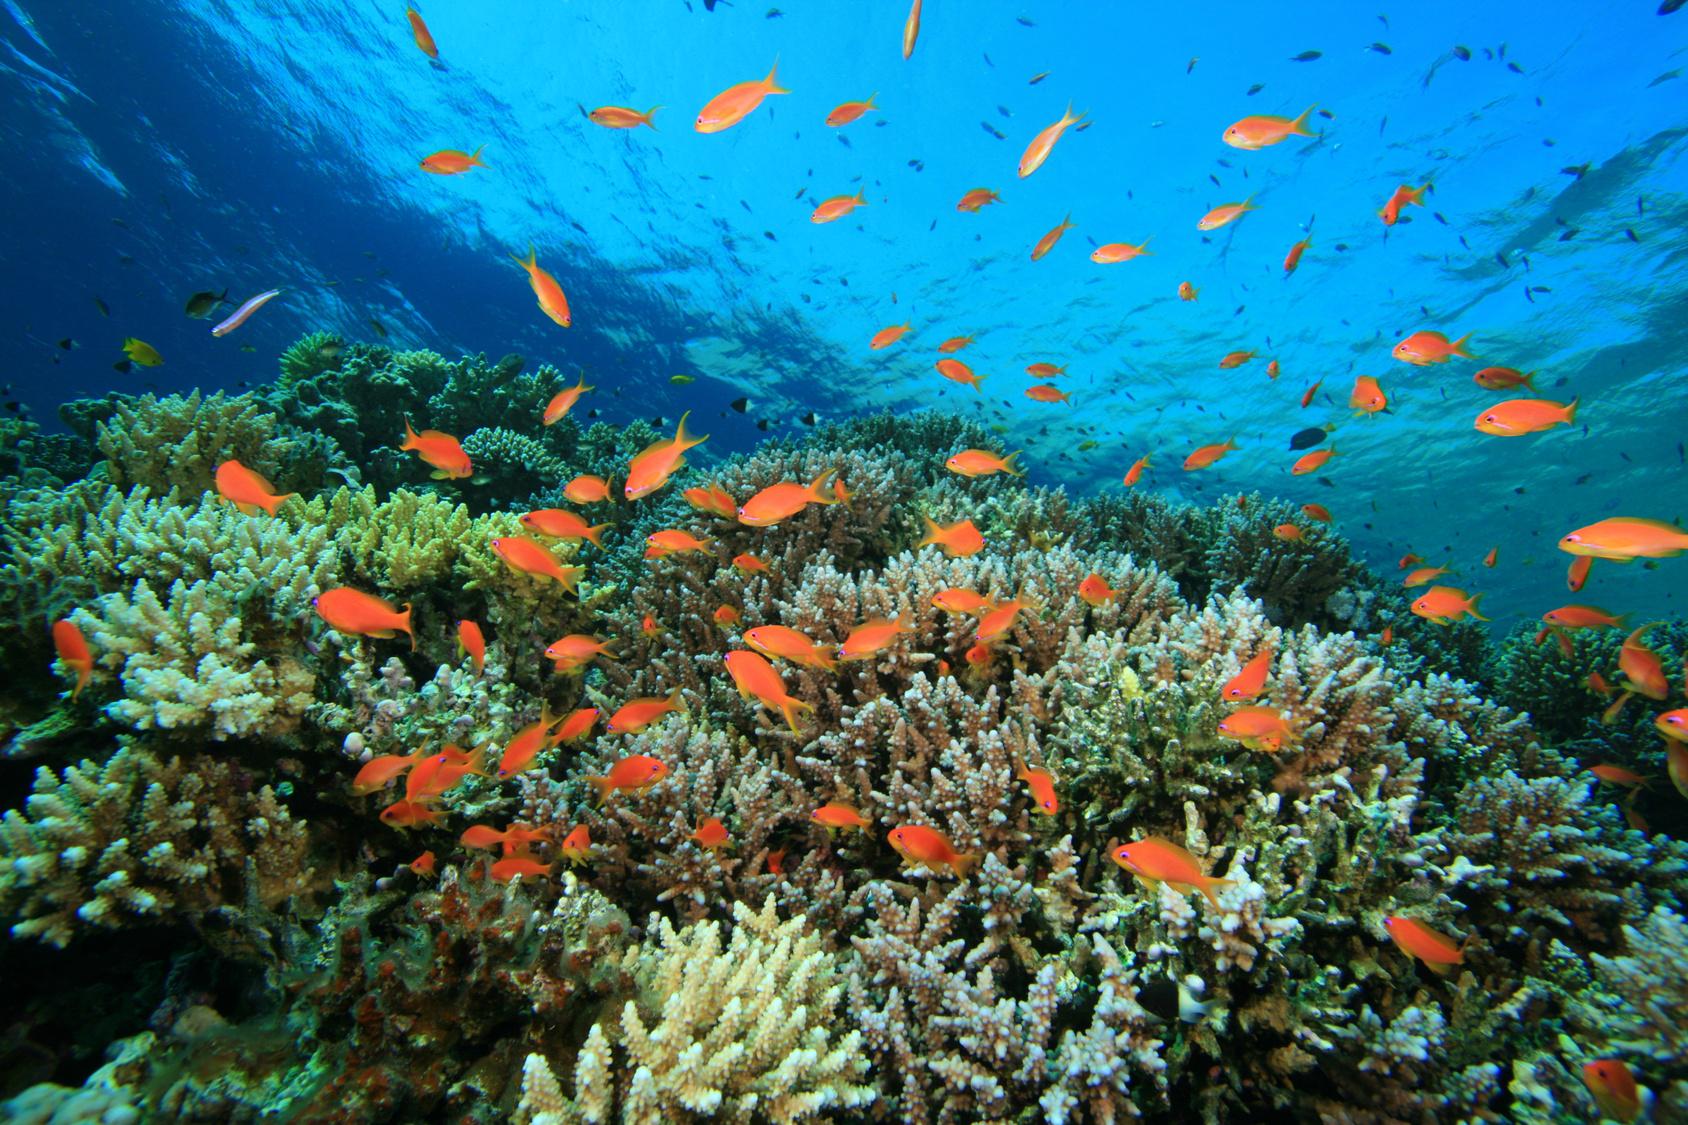 Risultati immagini per nosy tanikely snorkeling